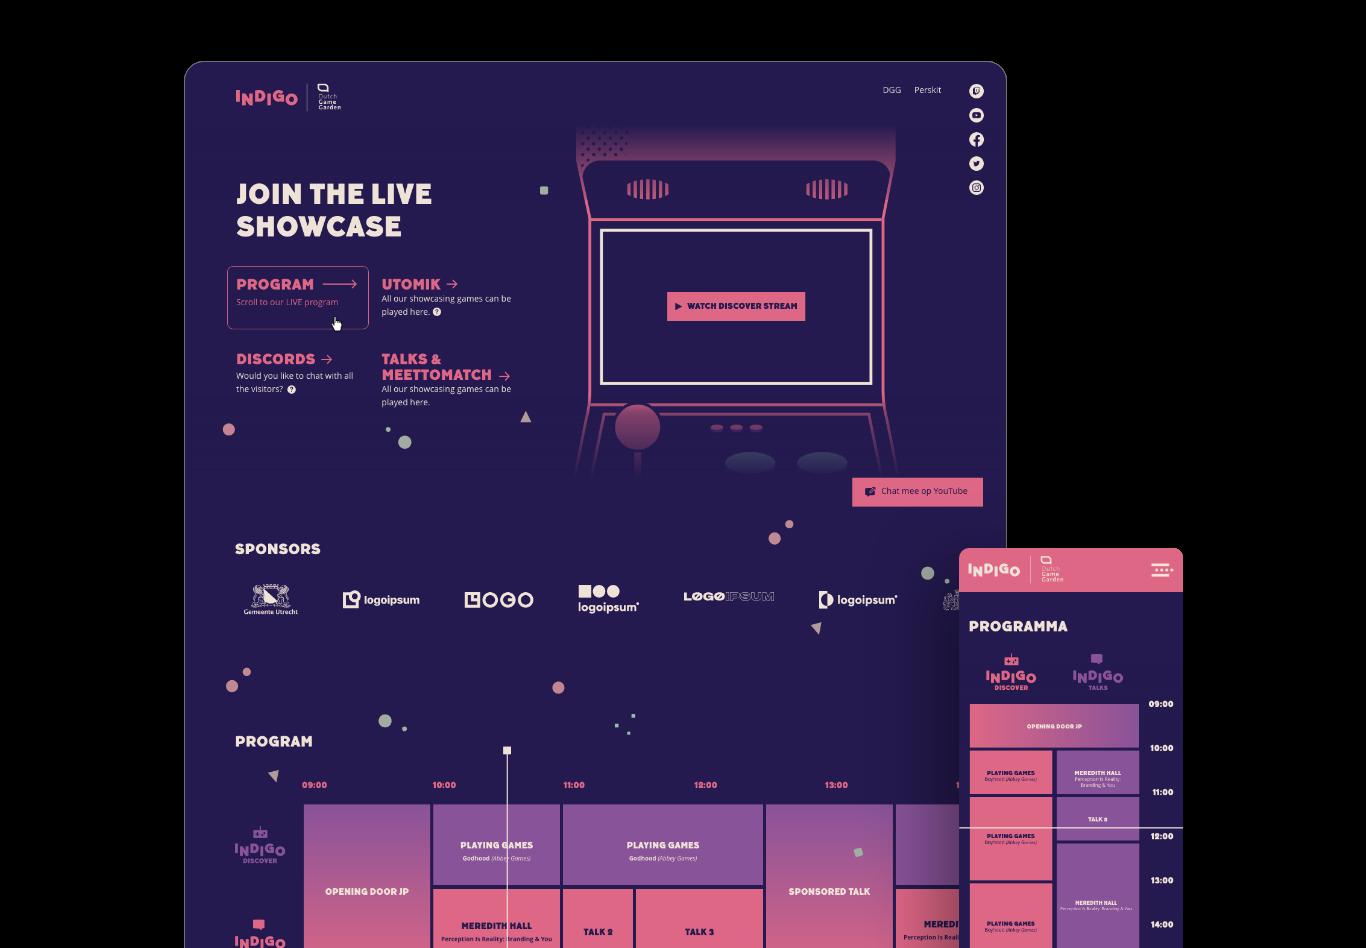 Indigo 2020 website ontworpen door defigners